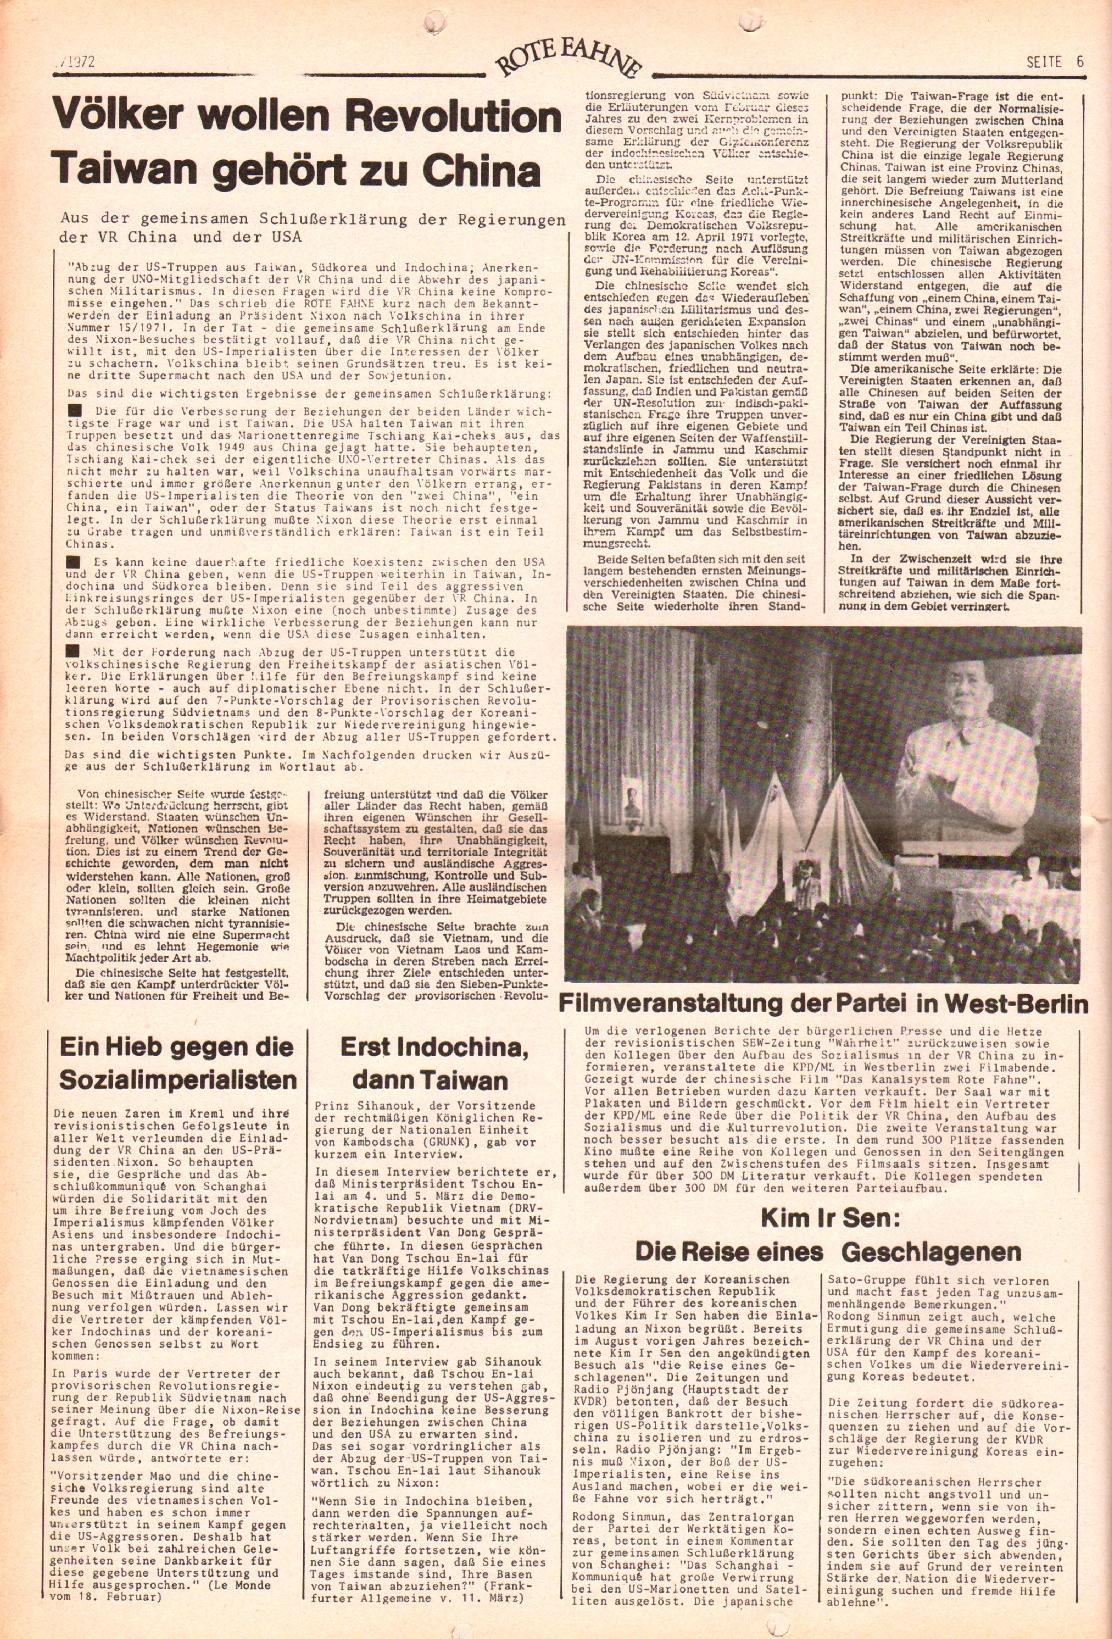 Rote Fahne, 3. Jg., 20.3.1972, Nr. 6, Seite 6